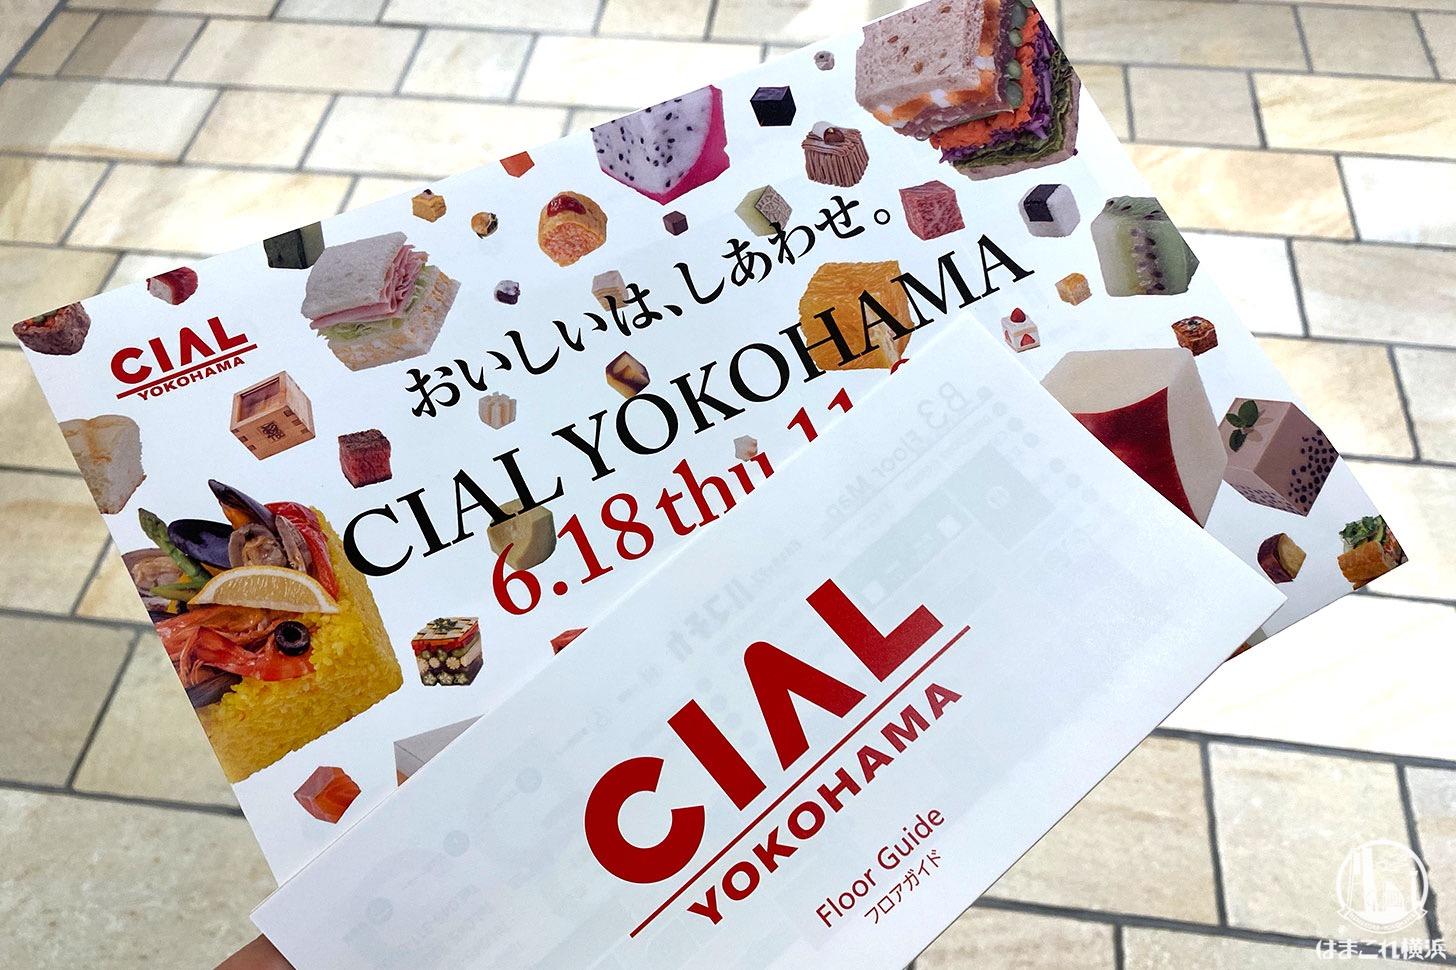 シァル横浜で横浜初のスイーツ・グルメいろいろ購入!日本初のベーカリーも